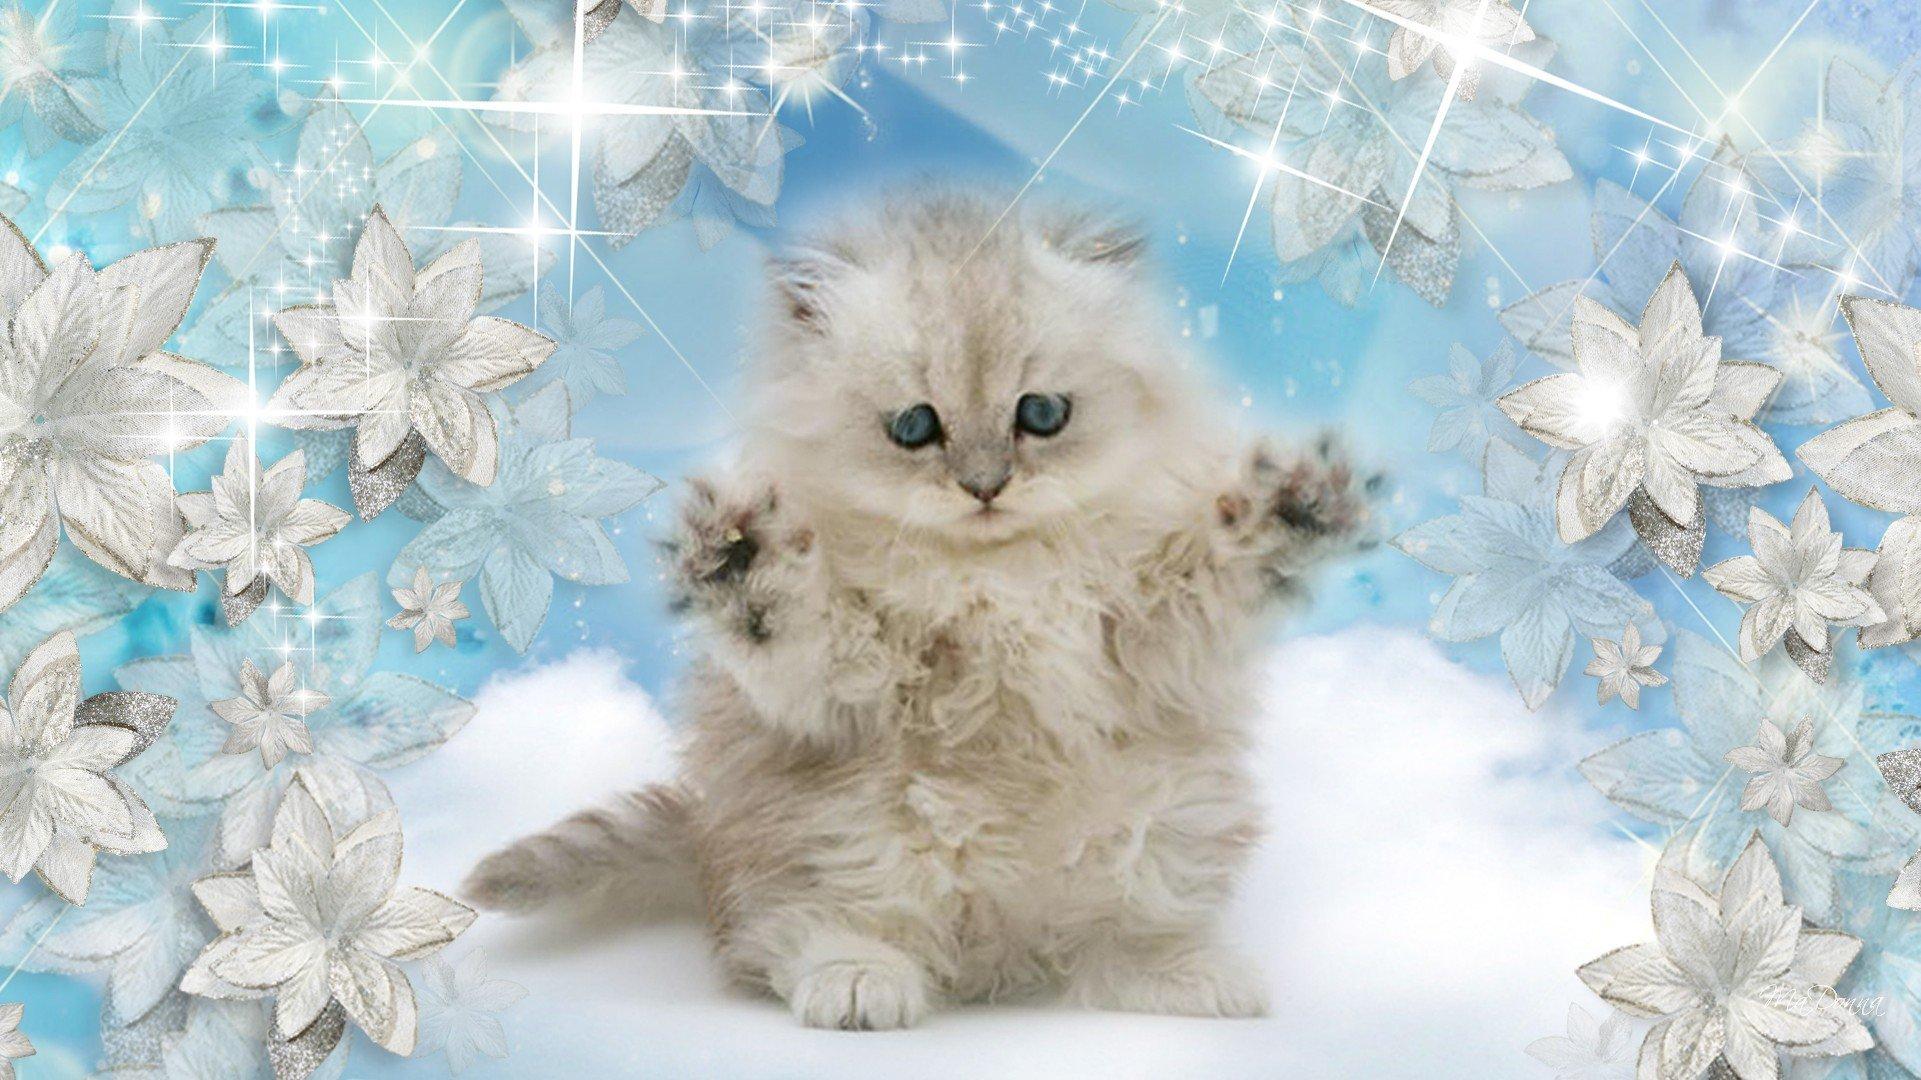 Kittens In Snow Christmas Innovdesign 2560x1440   #606514 #kittens